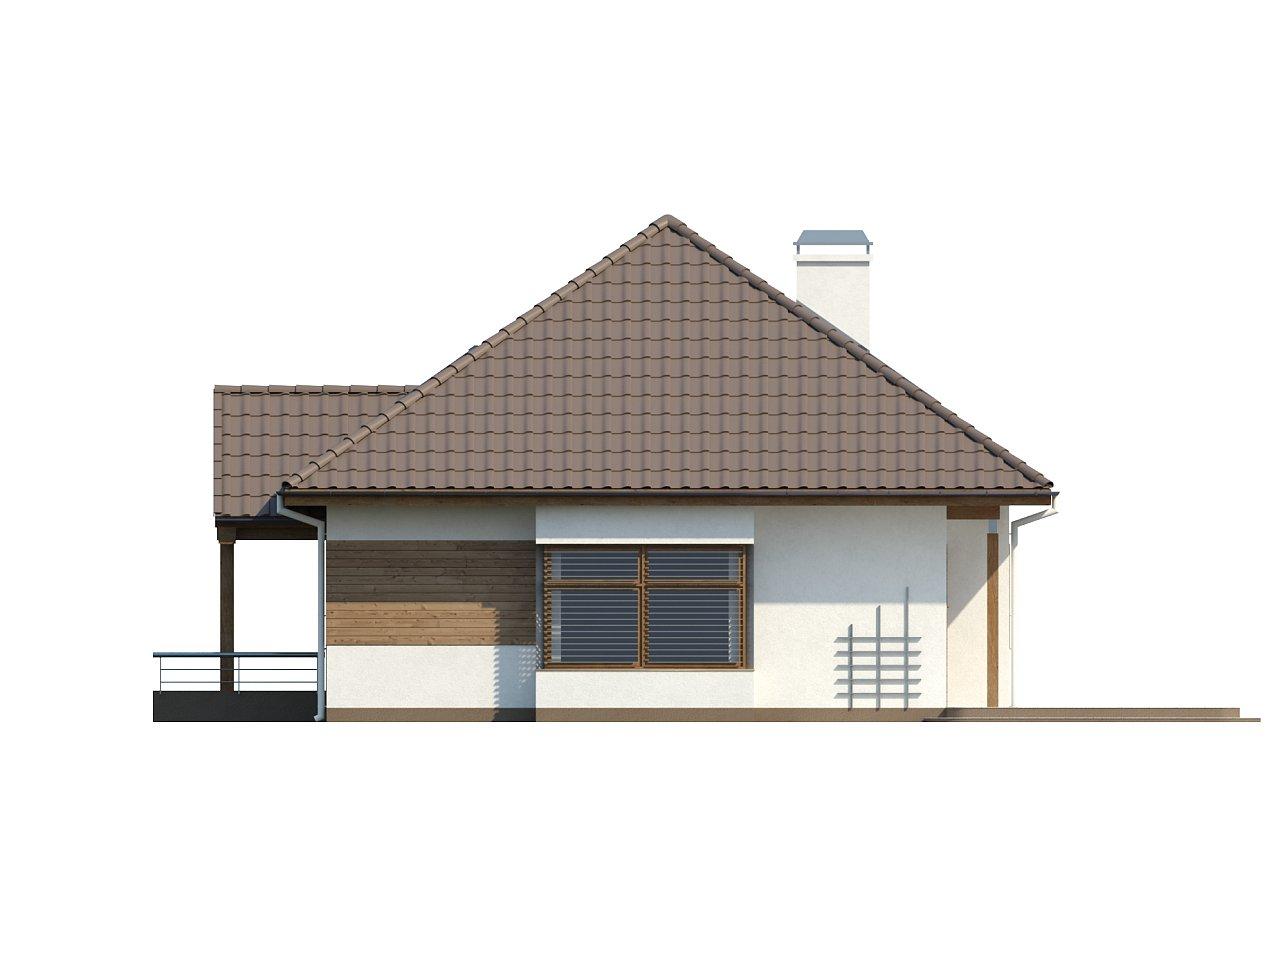 Проект традиционного дома с возможностью адаптации чердачного помещения. 14